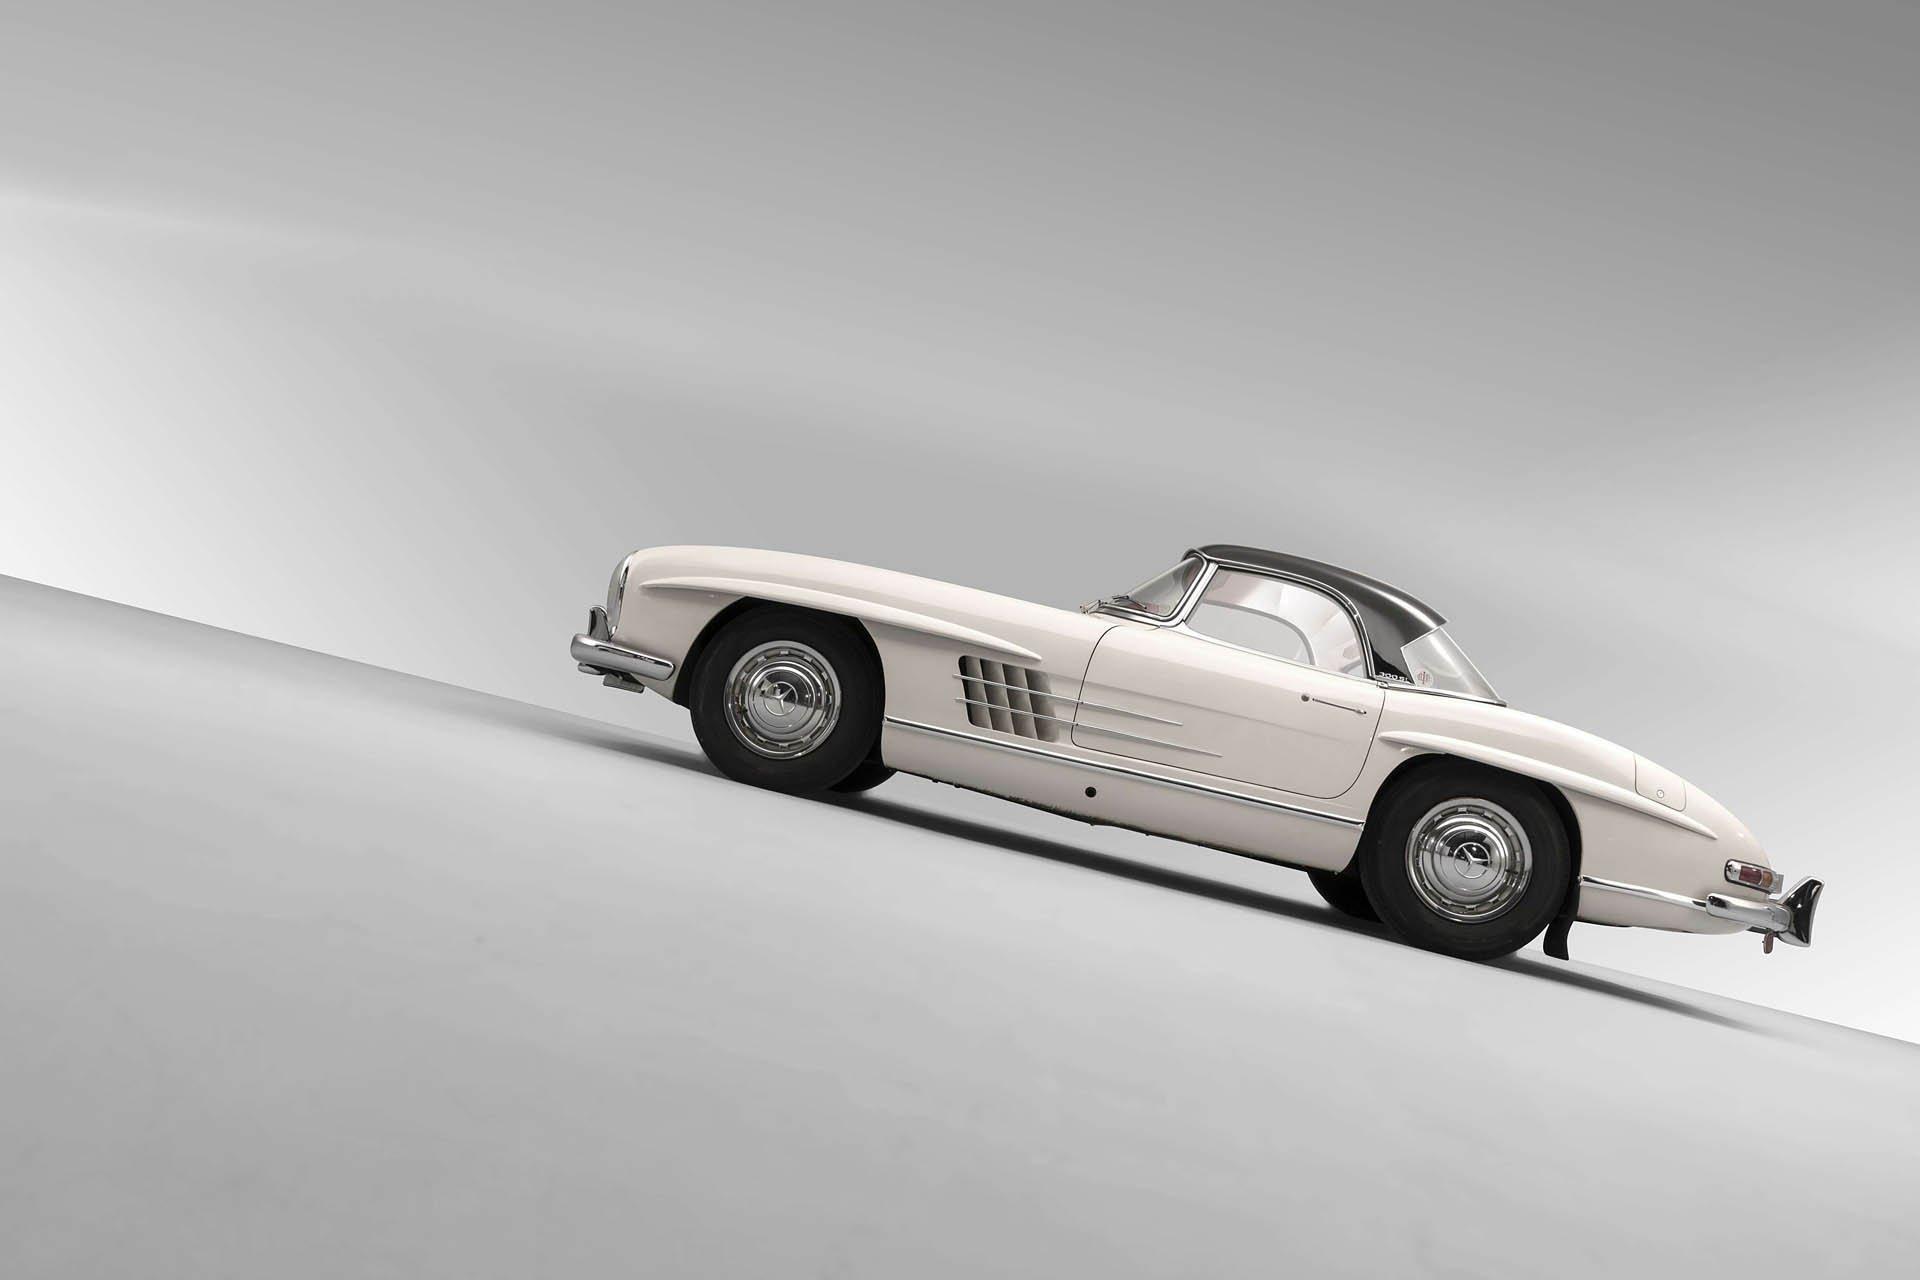 Mercedes 300 Sl Roadster Subasta 28